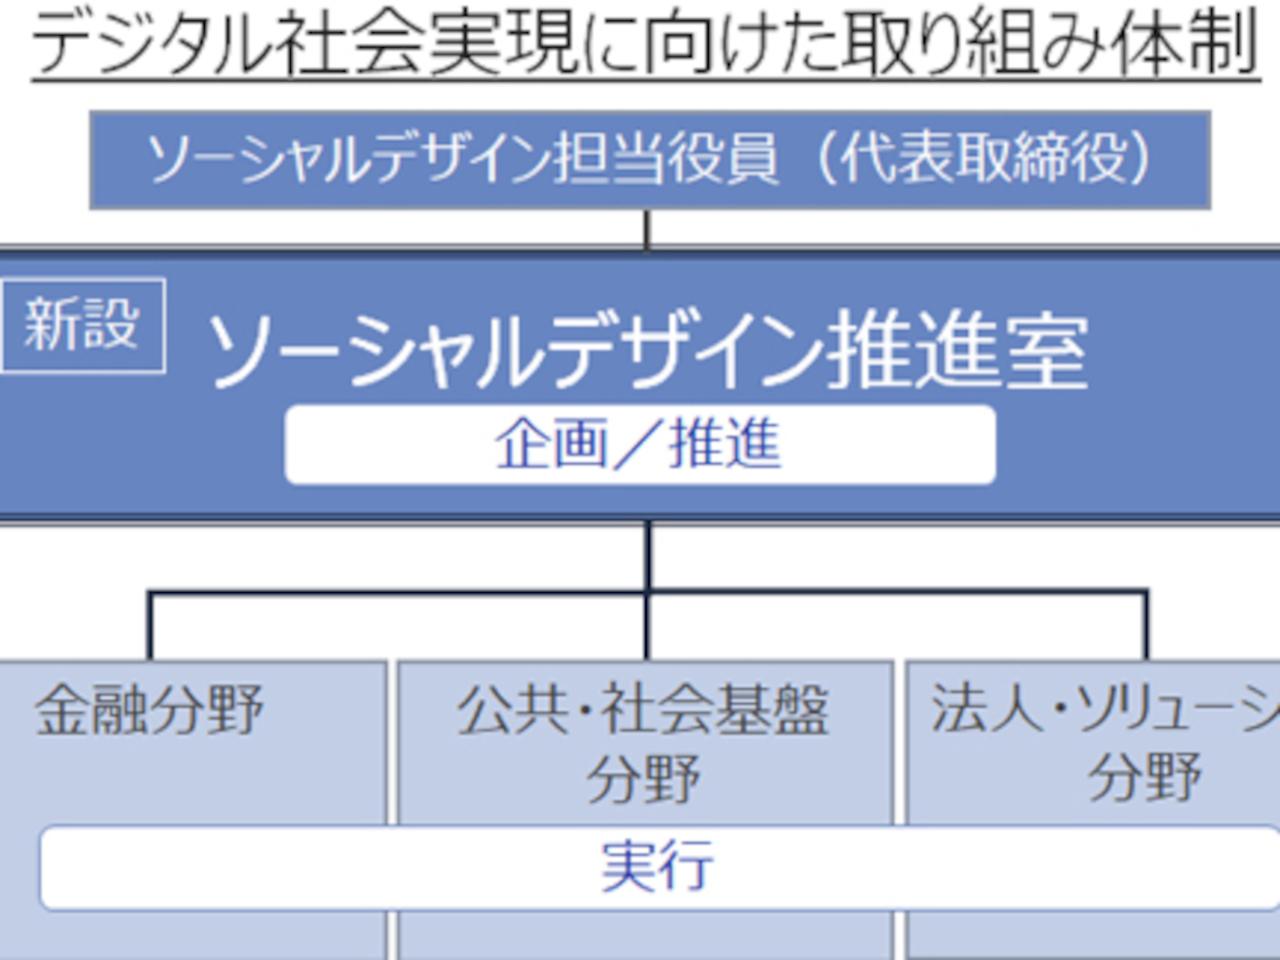 富士通とNTTデータが「ソーシャルデザイン」の推進組織を設けた理由 ...